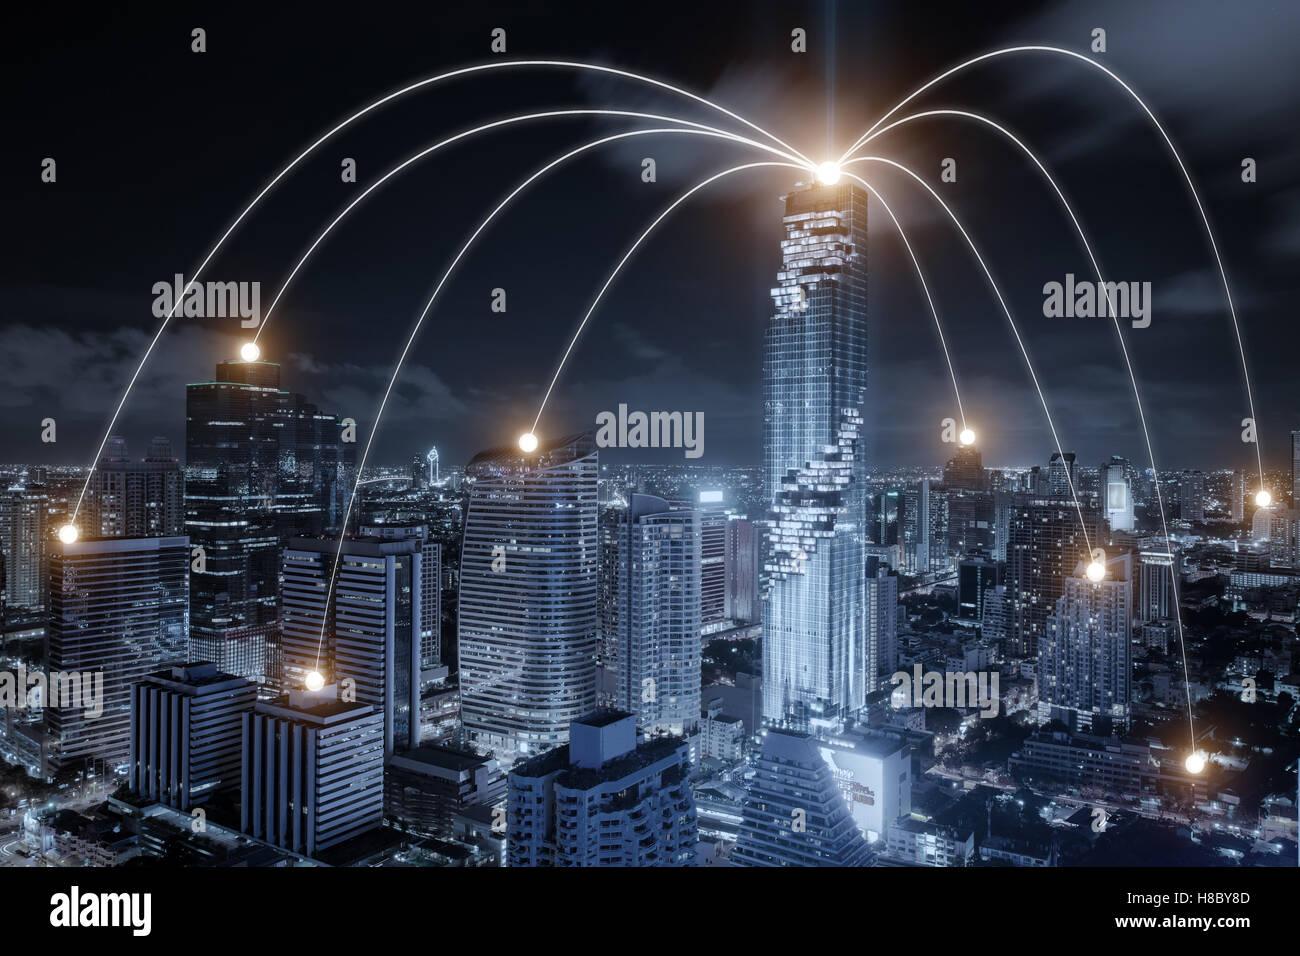 Netzwerk-Verbindung Geschäftssystem Bangkok Stadt im Hintergrund. Netzwerk-Verbindung Geschäftskonzept Stockbild